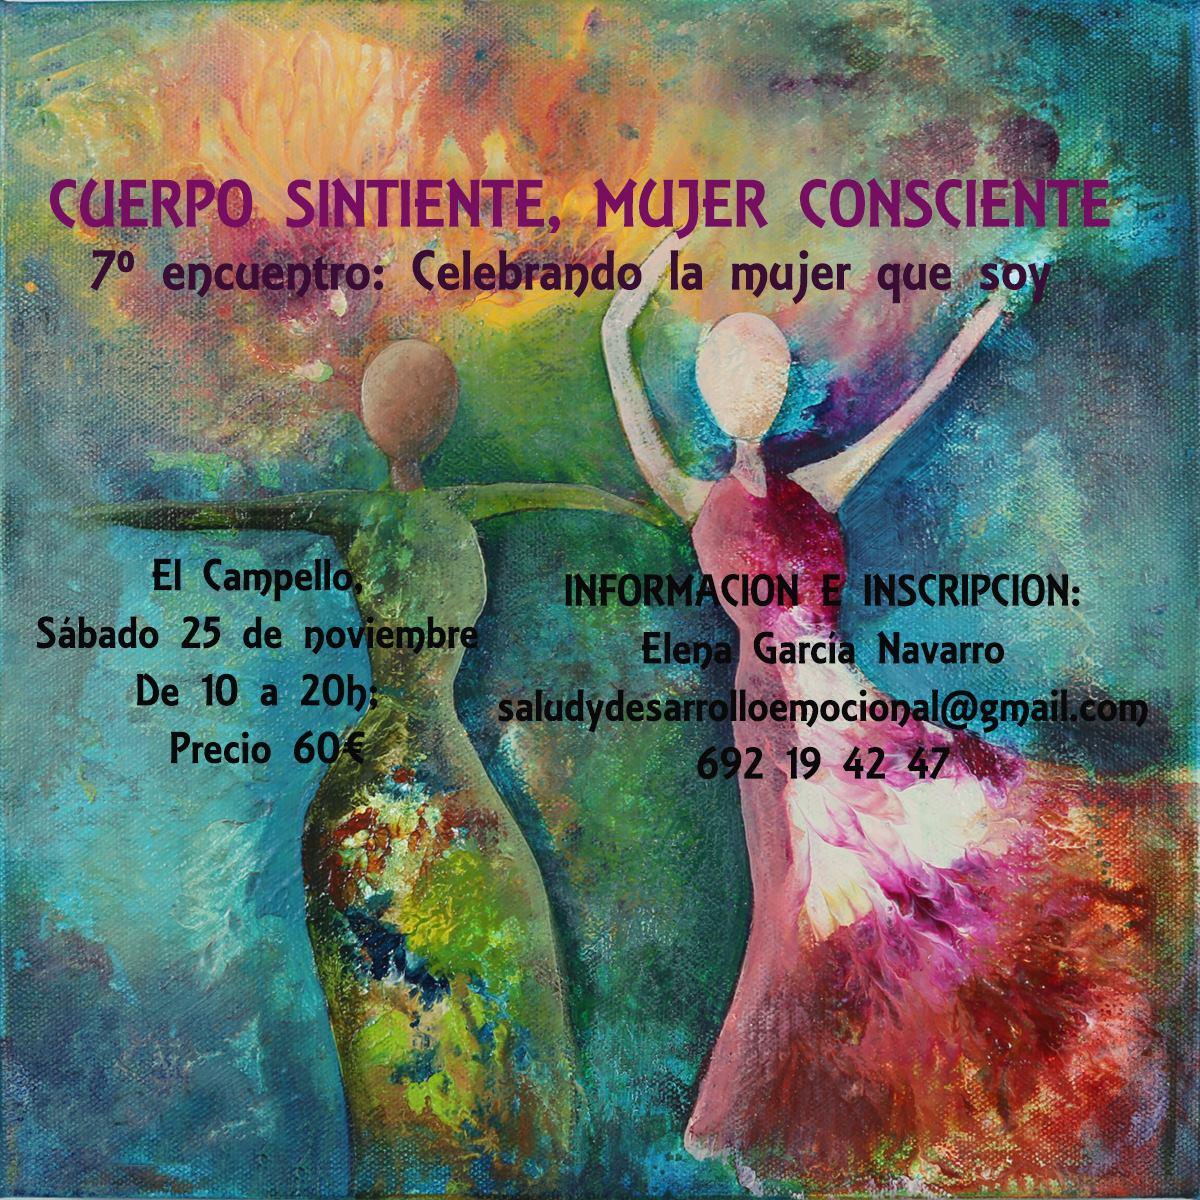 7º Encuentro para mujeres: Cuerpo sintiente, Mujer consciente